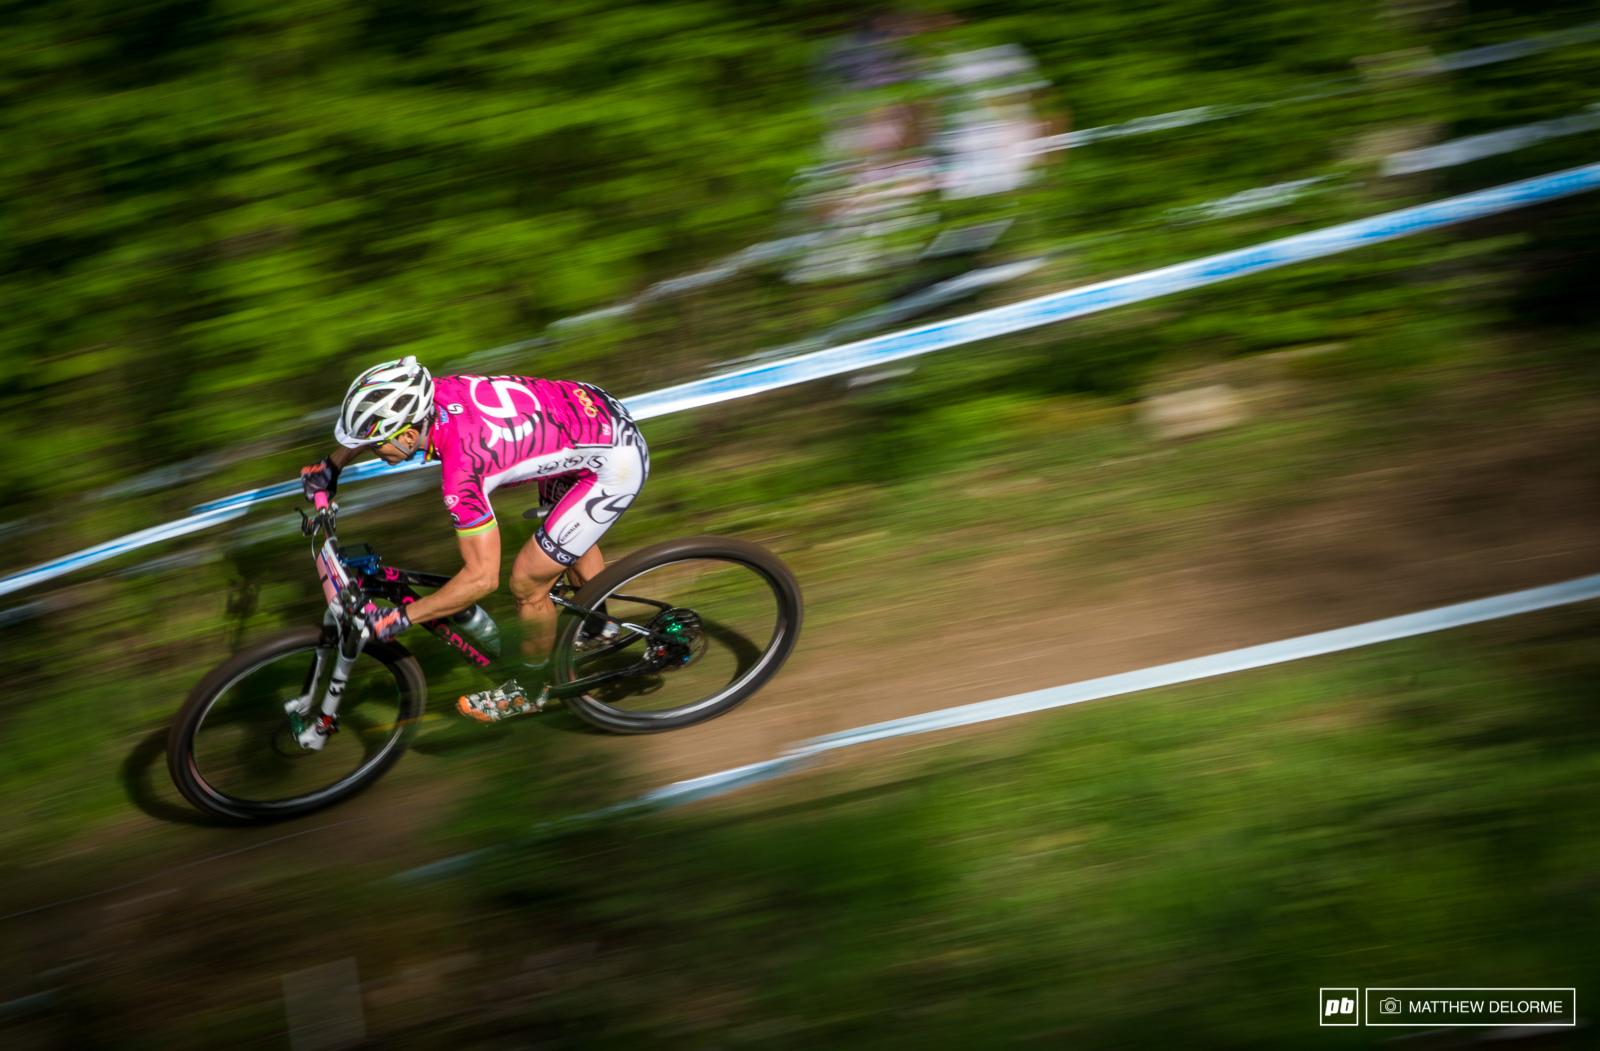 Sabine Spitz speeding her way down the mountain.